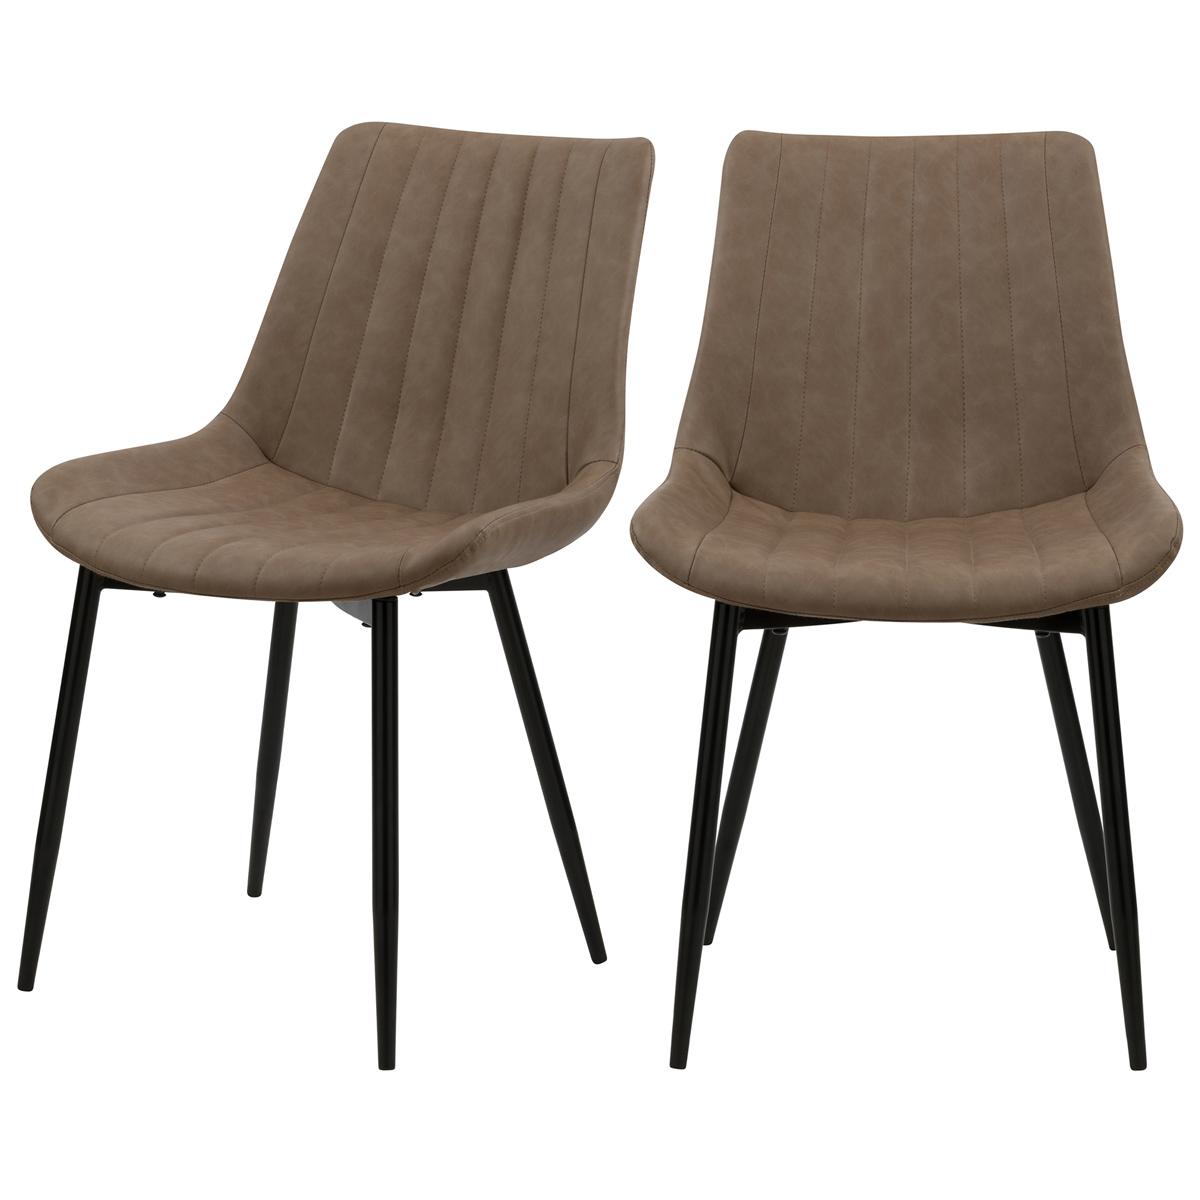 Chaise en cuir synthétique taupe et métal noir (lot de 2)